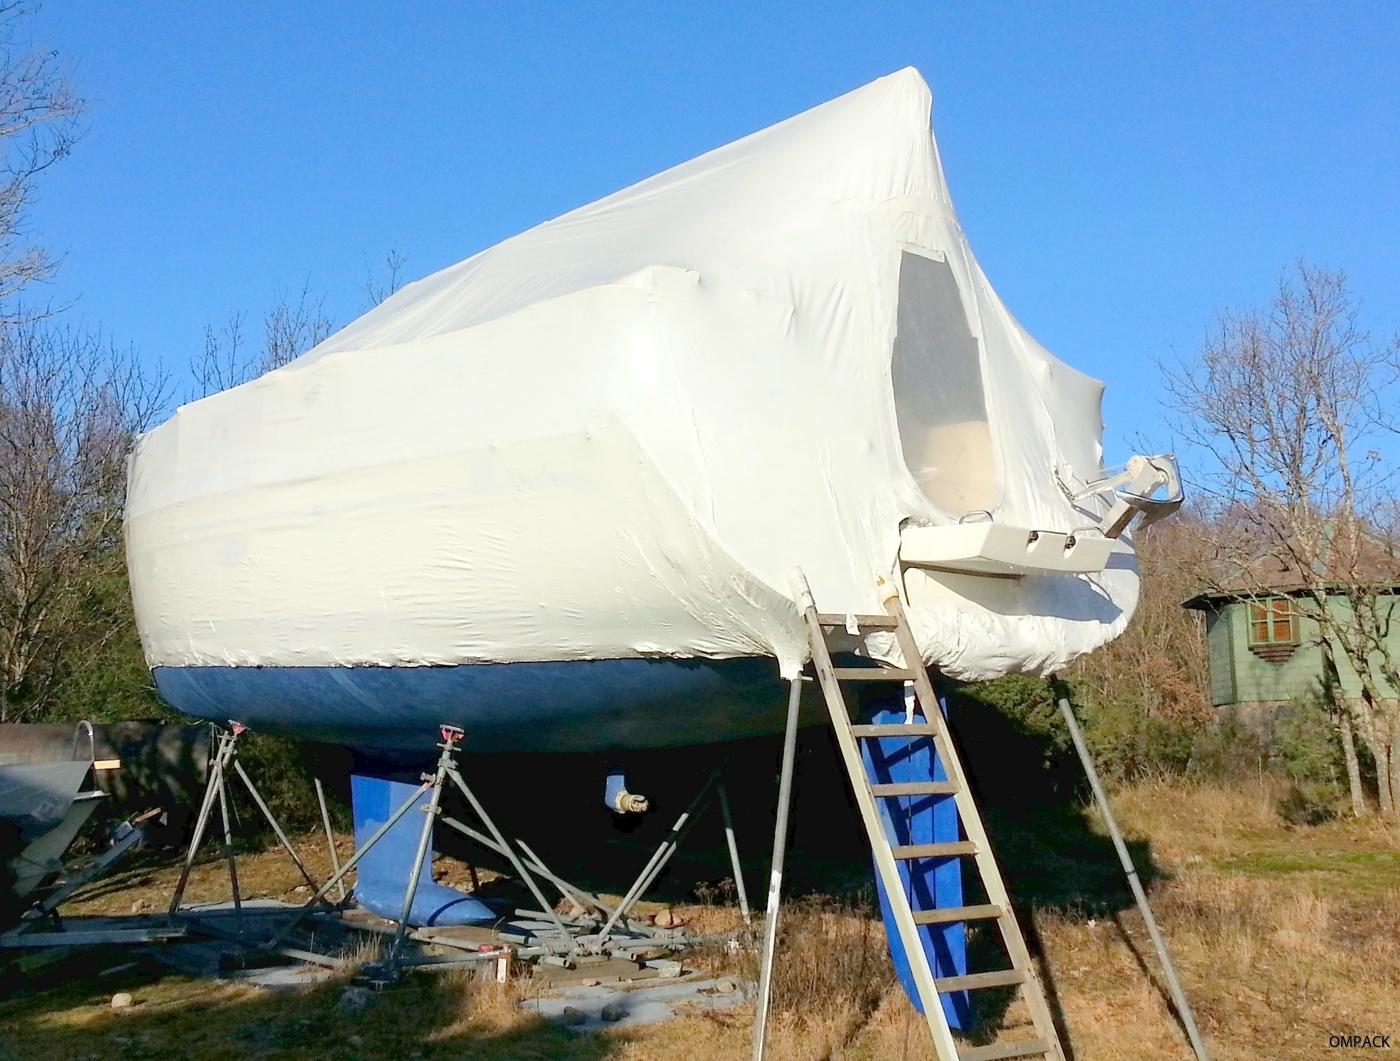 båt med vinterskydd